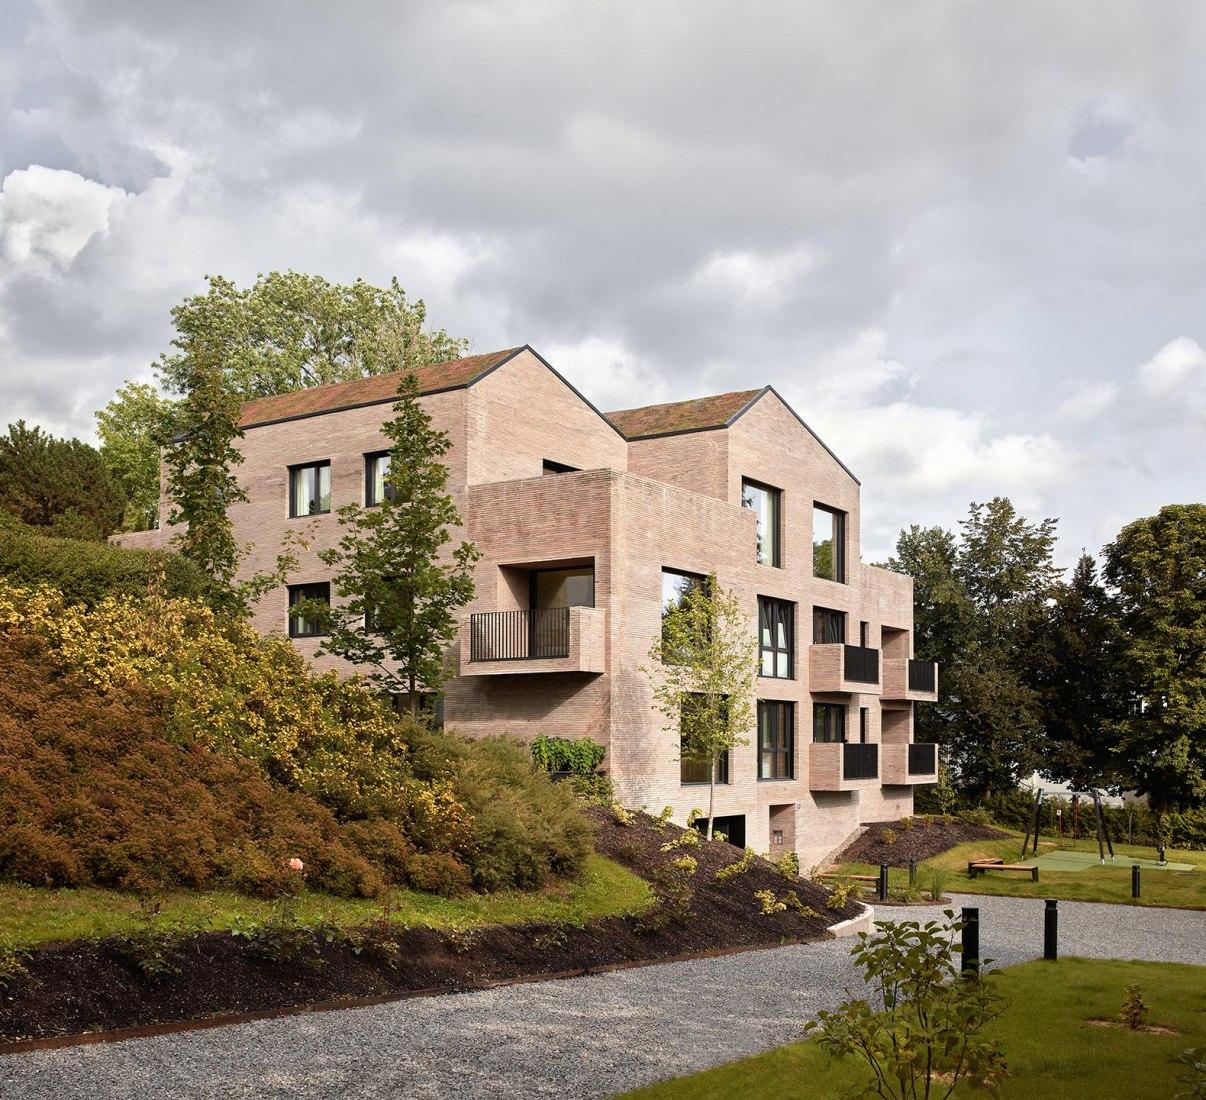 Villa Ask por Reiulf Ramstad Arkitekter. Fotografía por Mariela Apollonio